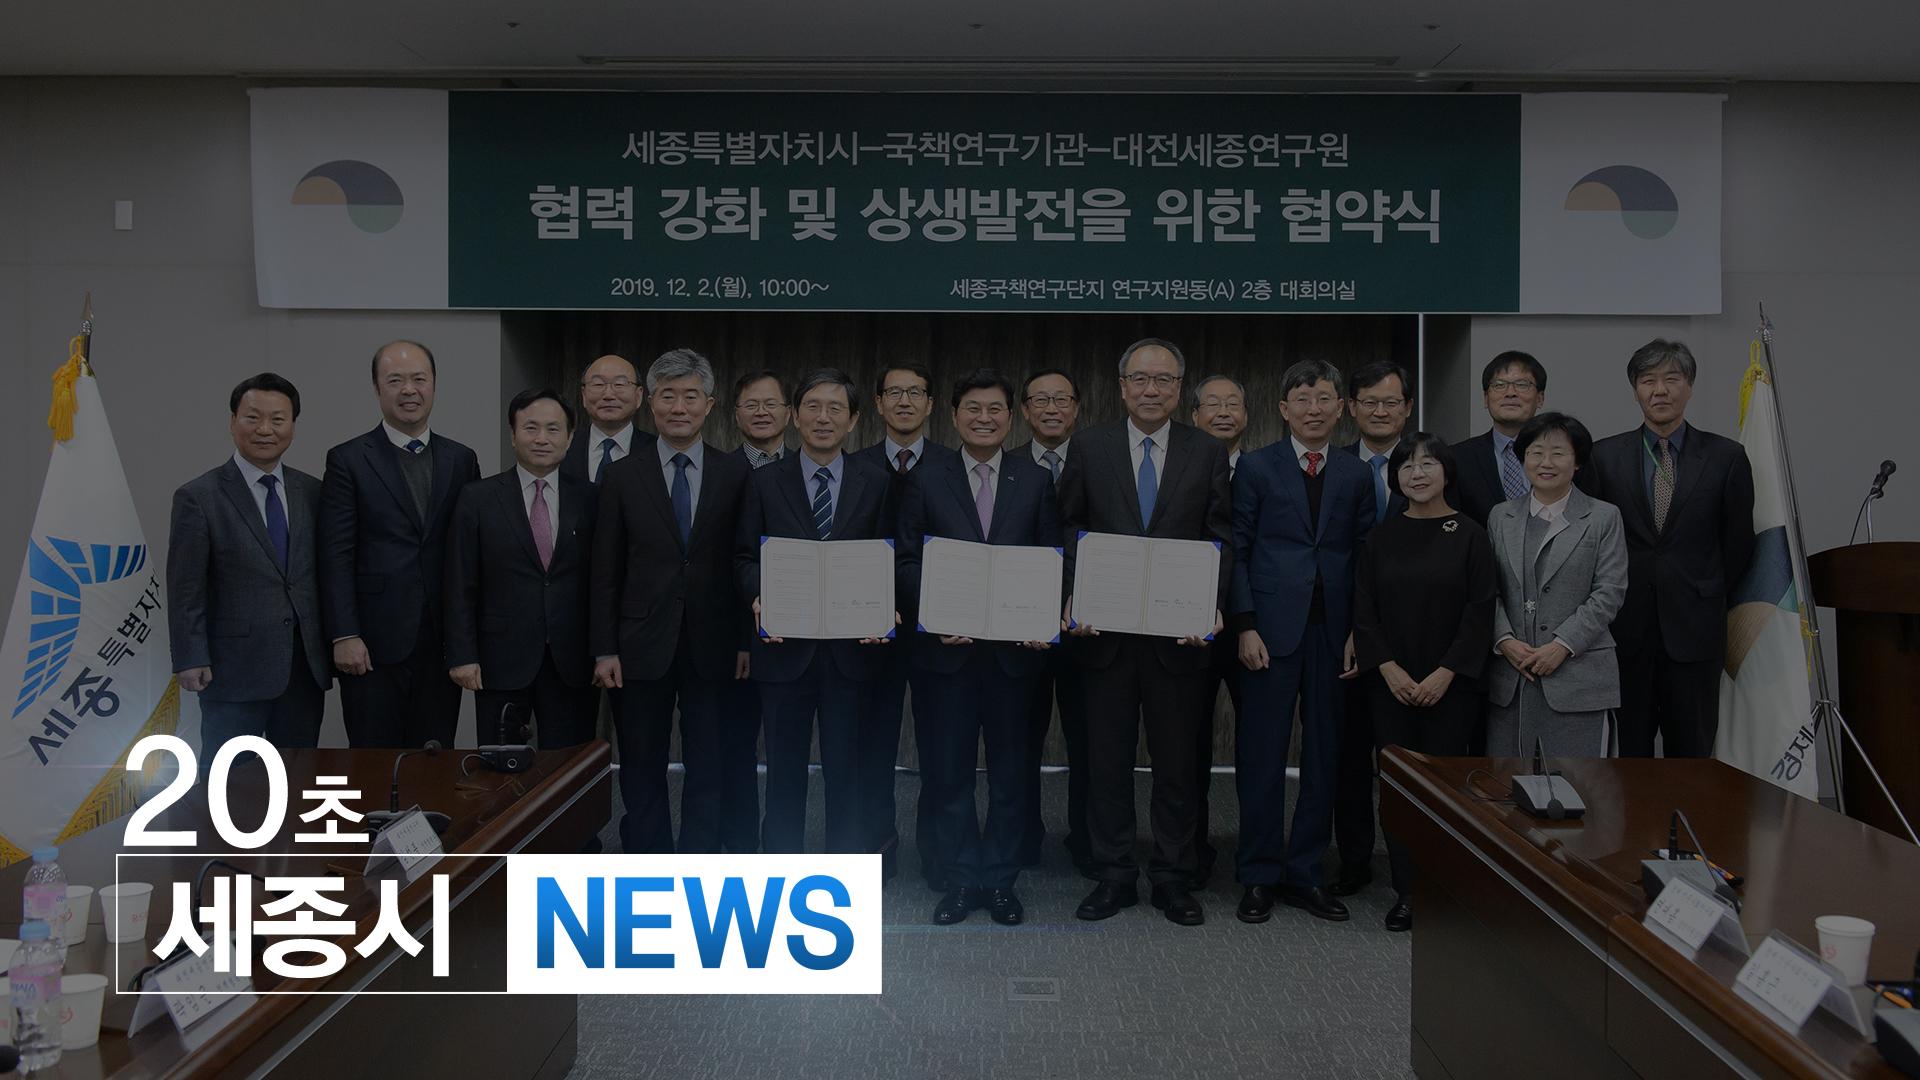 <20초뉴스> 시 경제 인문사회연구회-대전세종연구원 업무협약 체결